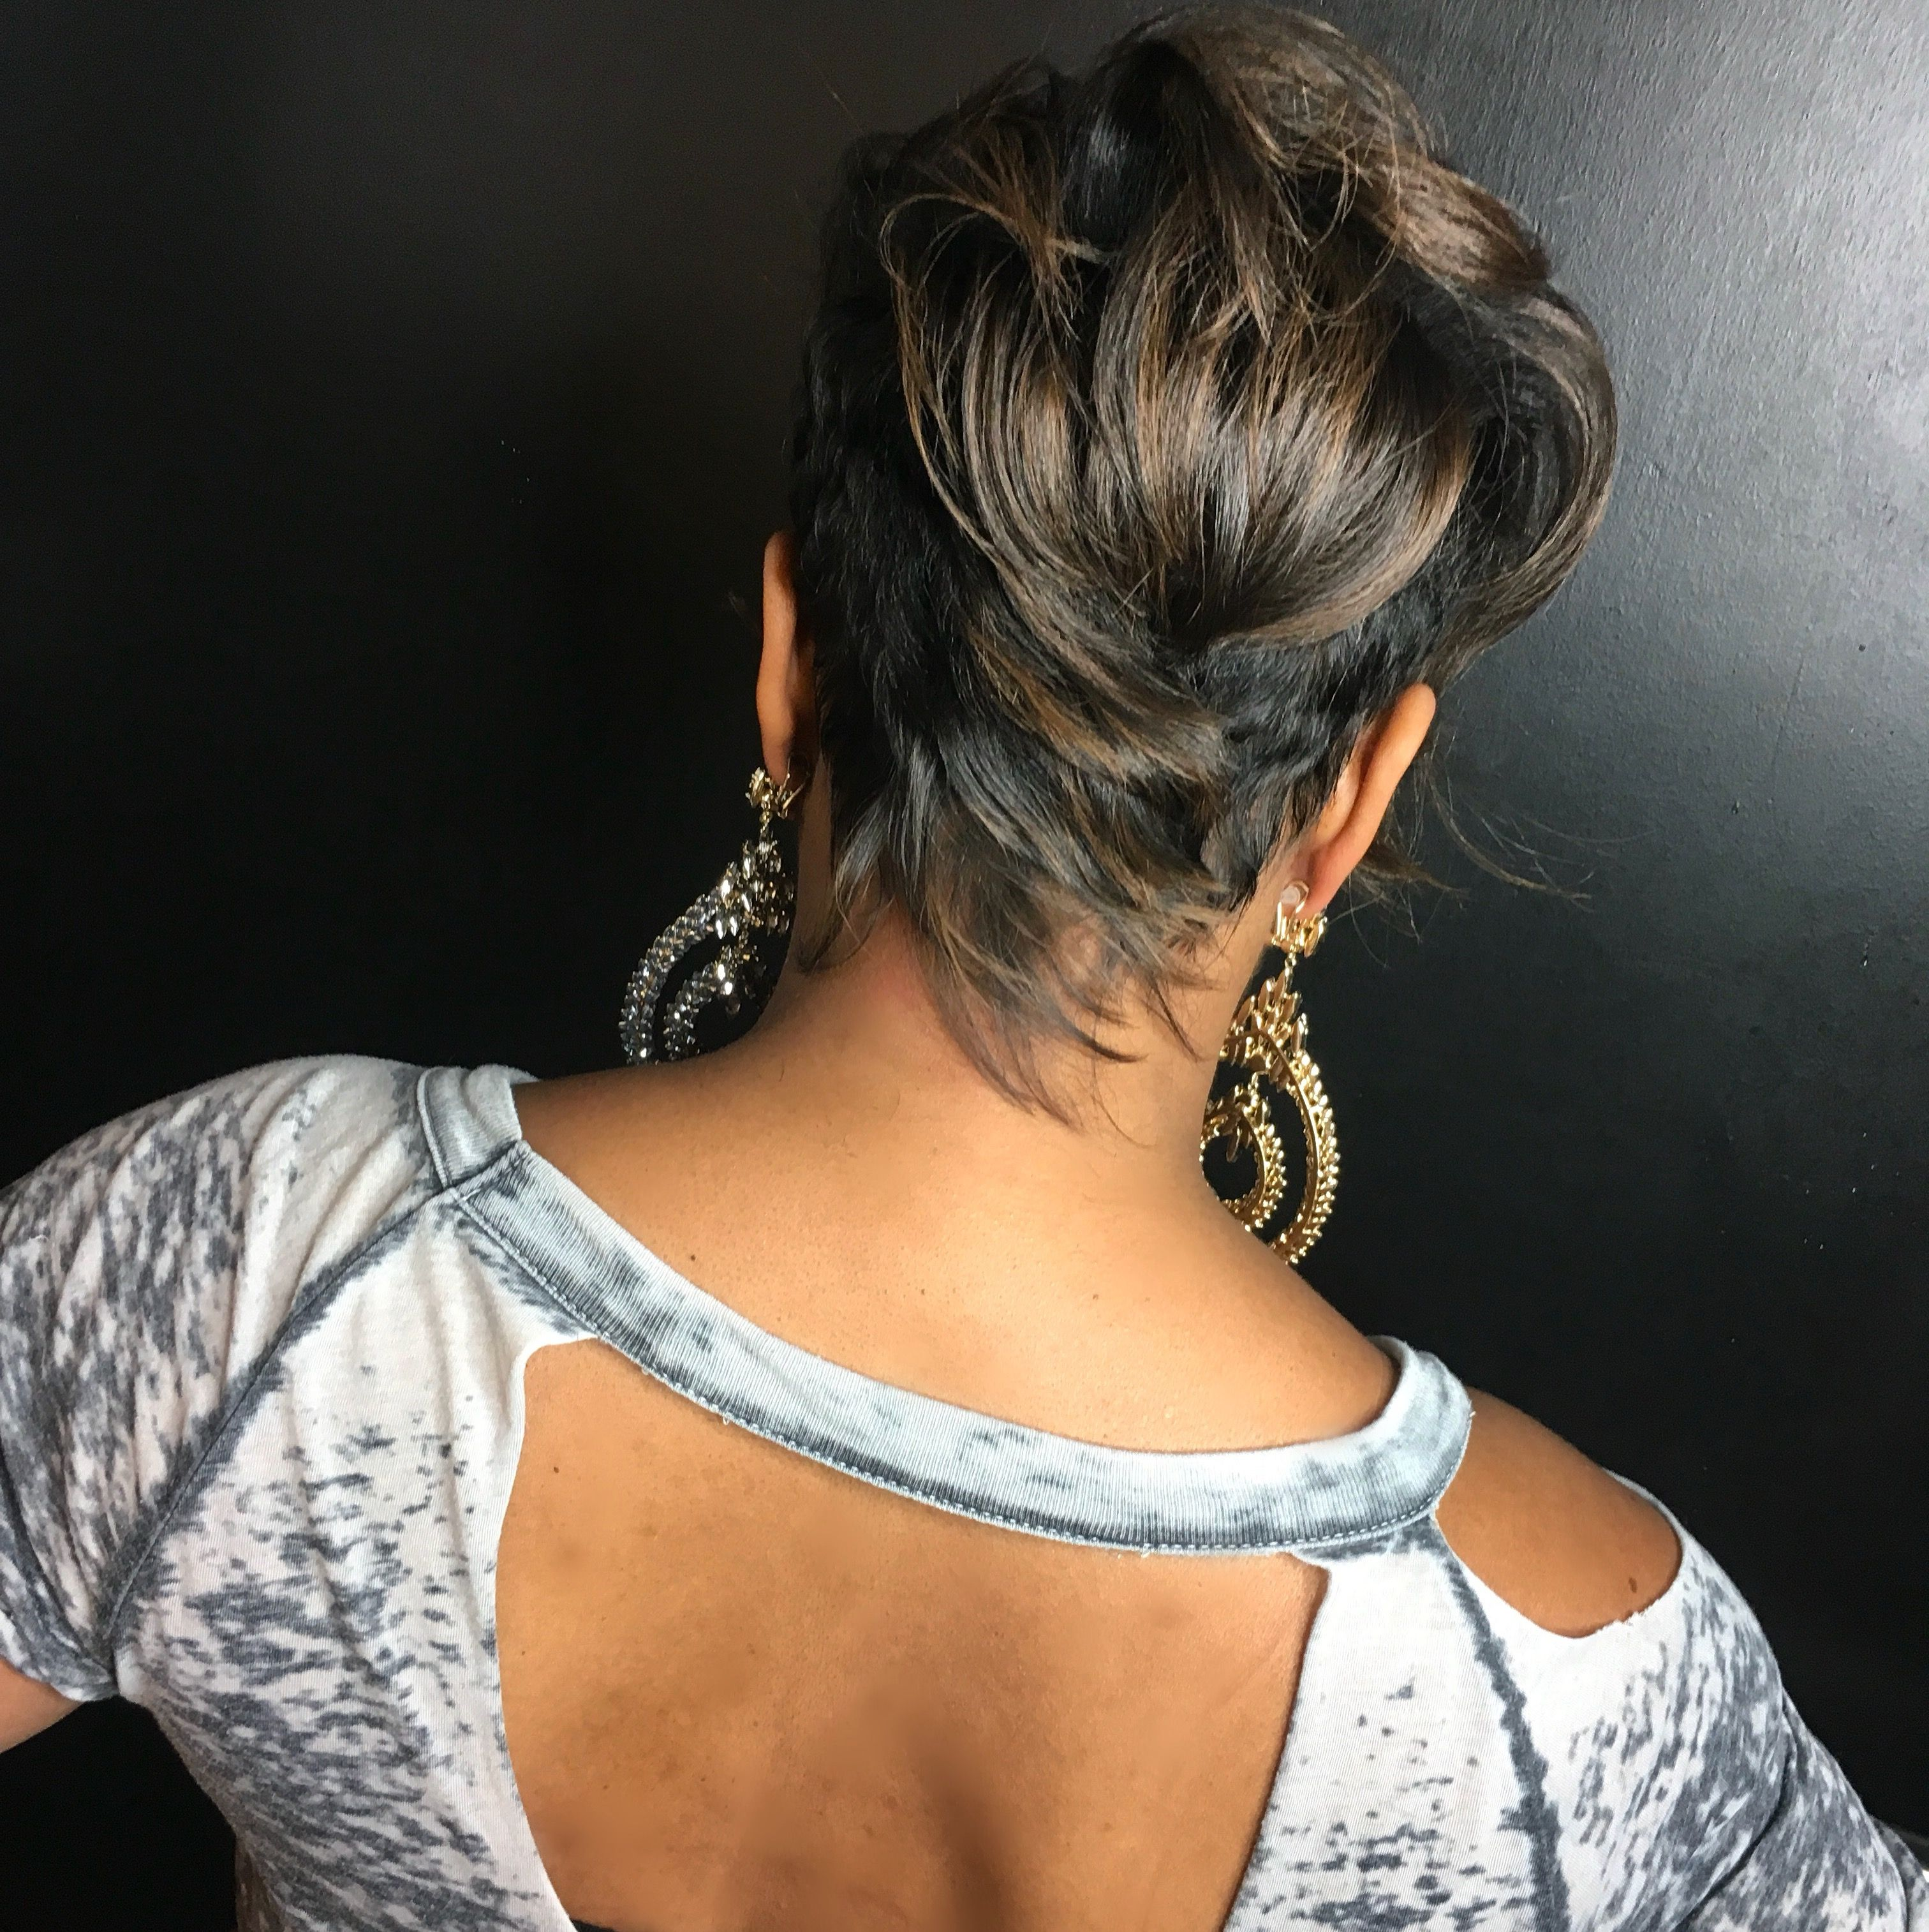 Khimandi back shot pixie khimandi hair hair u more hair